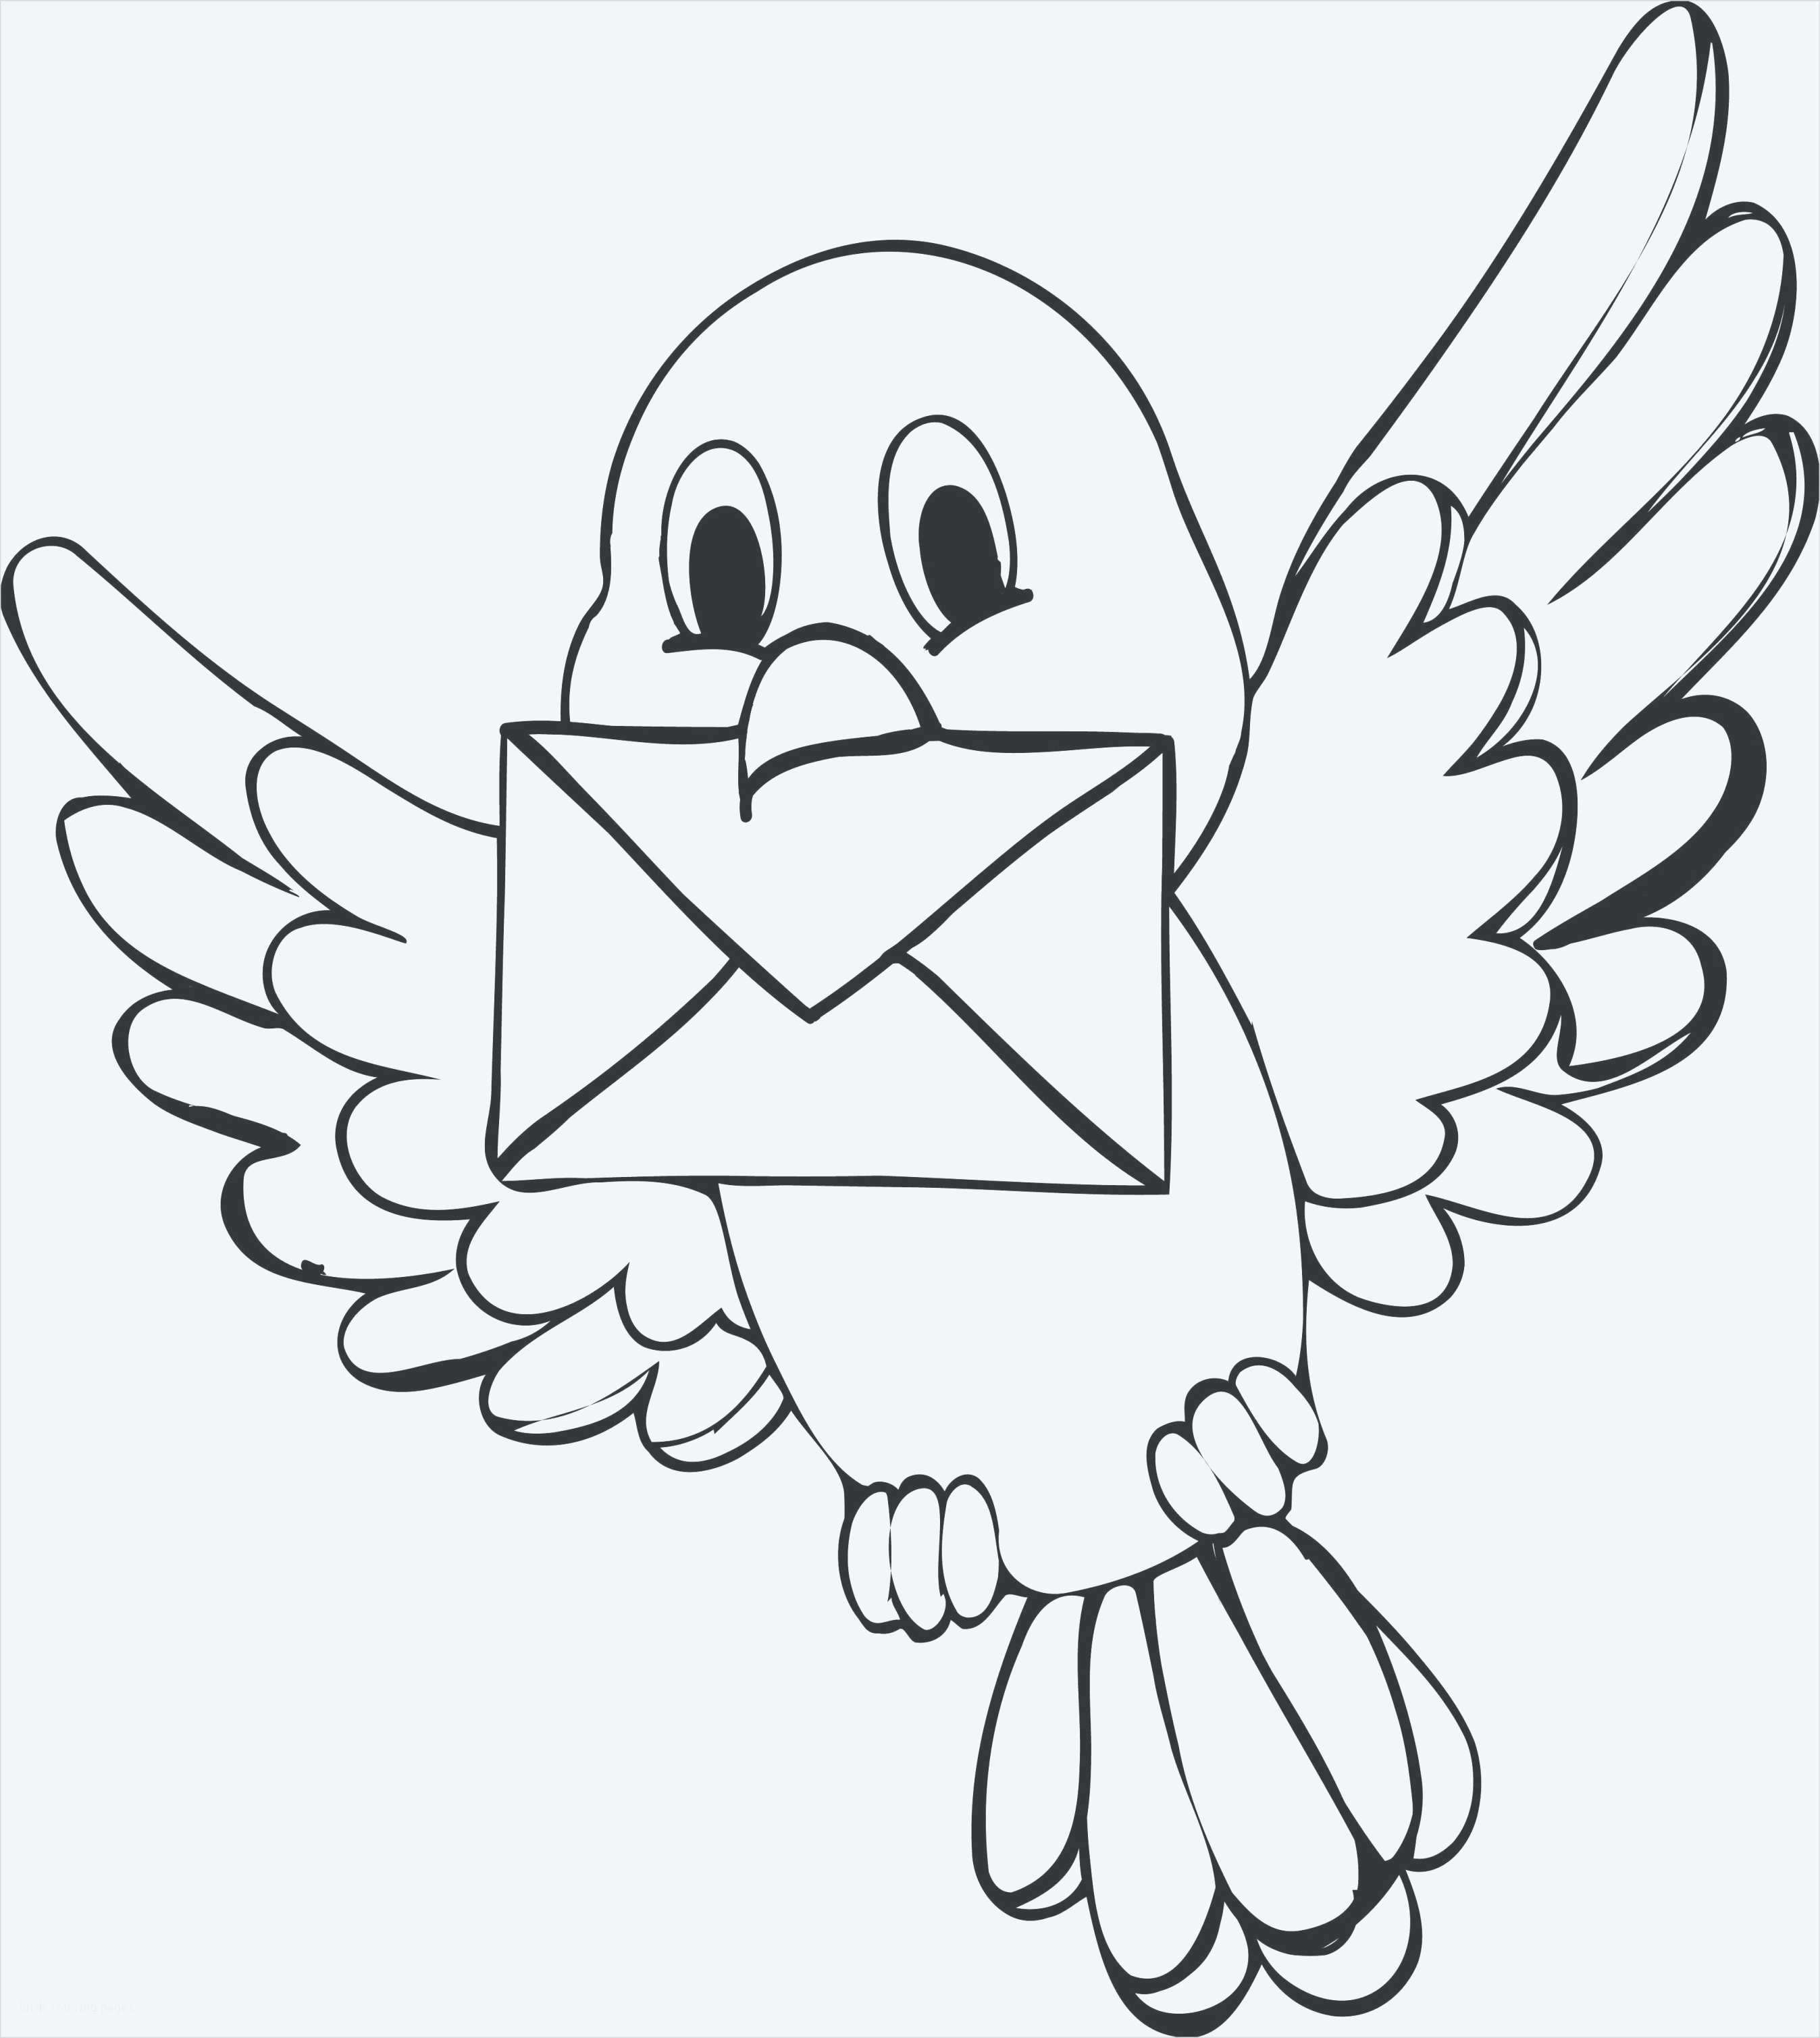 Tranh tô màu chim đưa thư